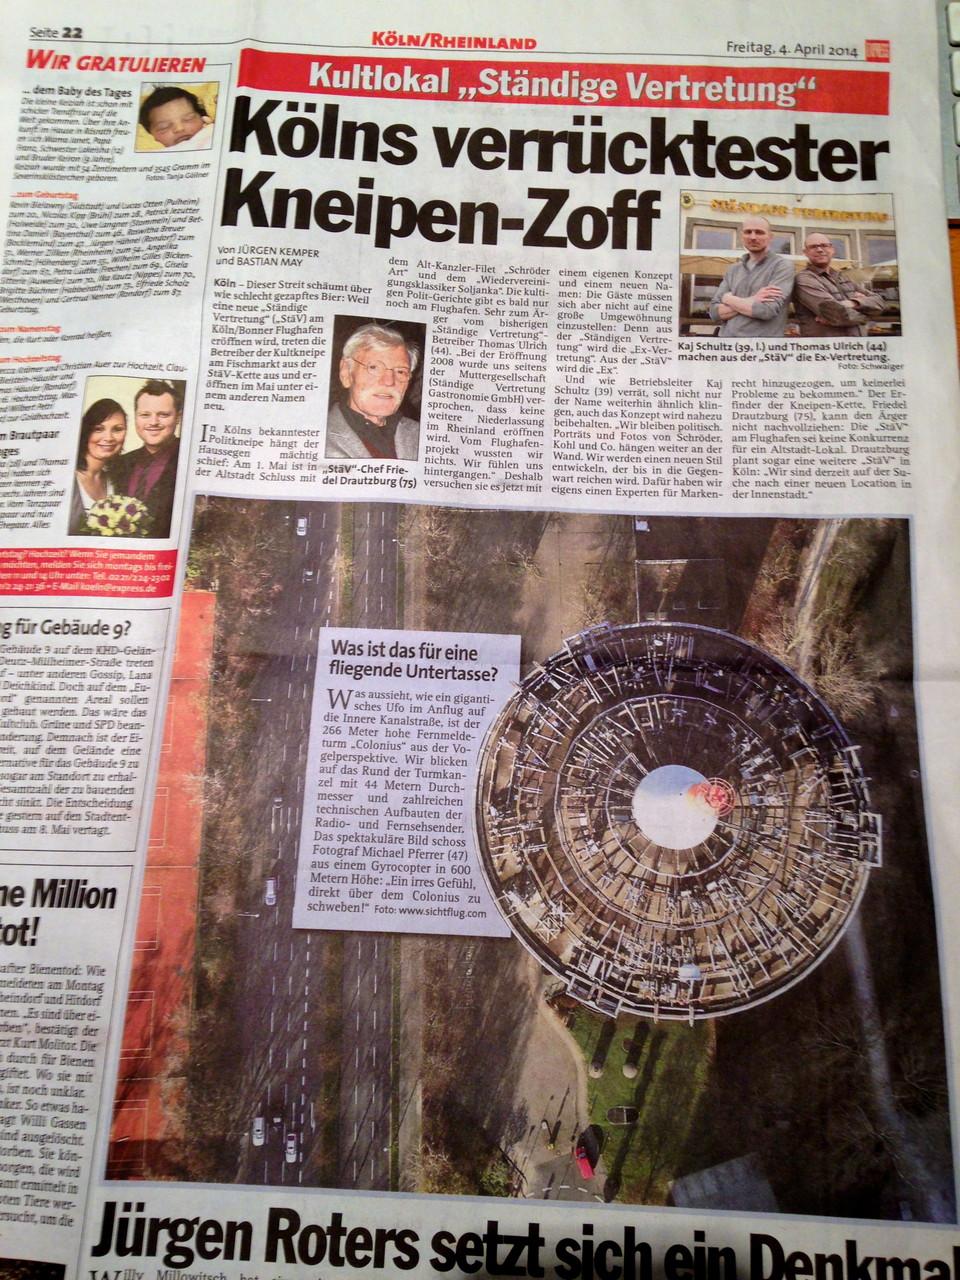 Manche Bilder schaffen es bis in die Zeitung: Kölner EXPRESS vom 04.04.2014